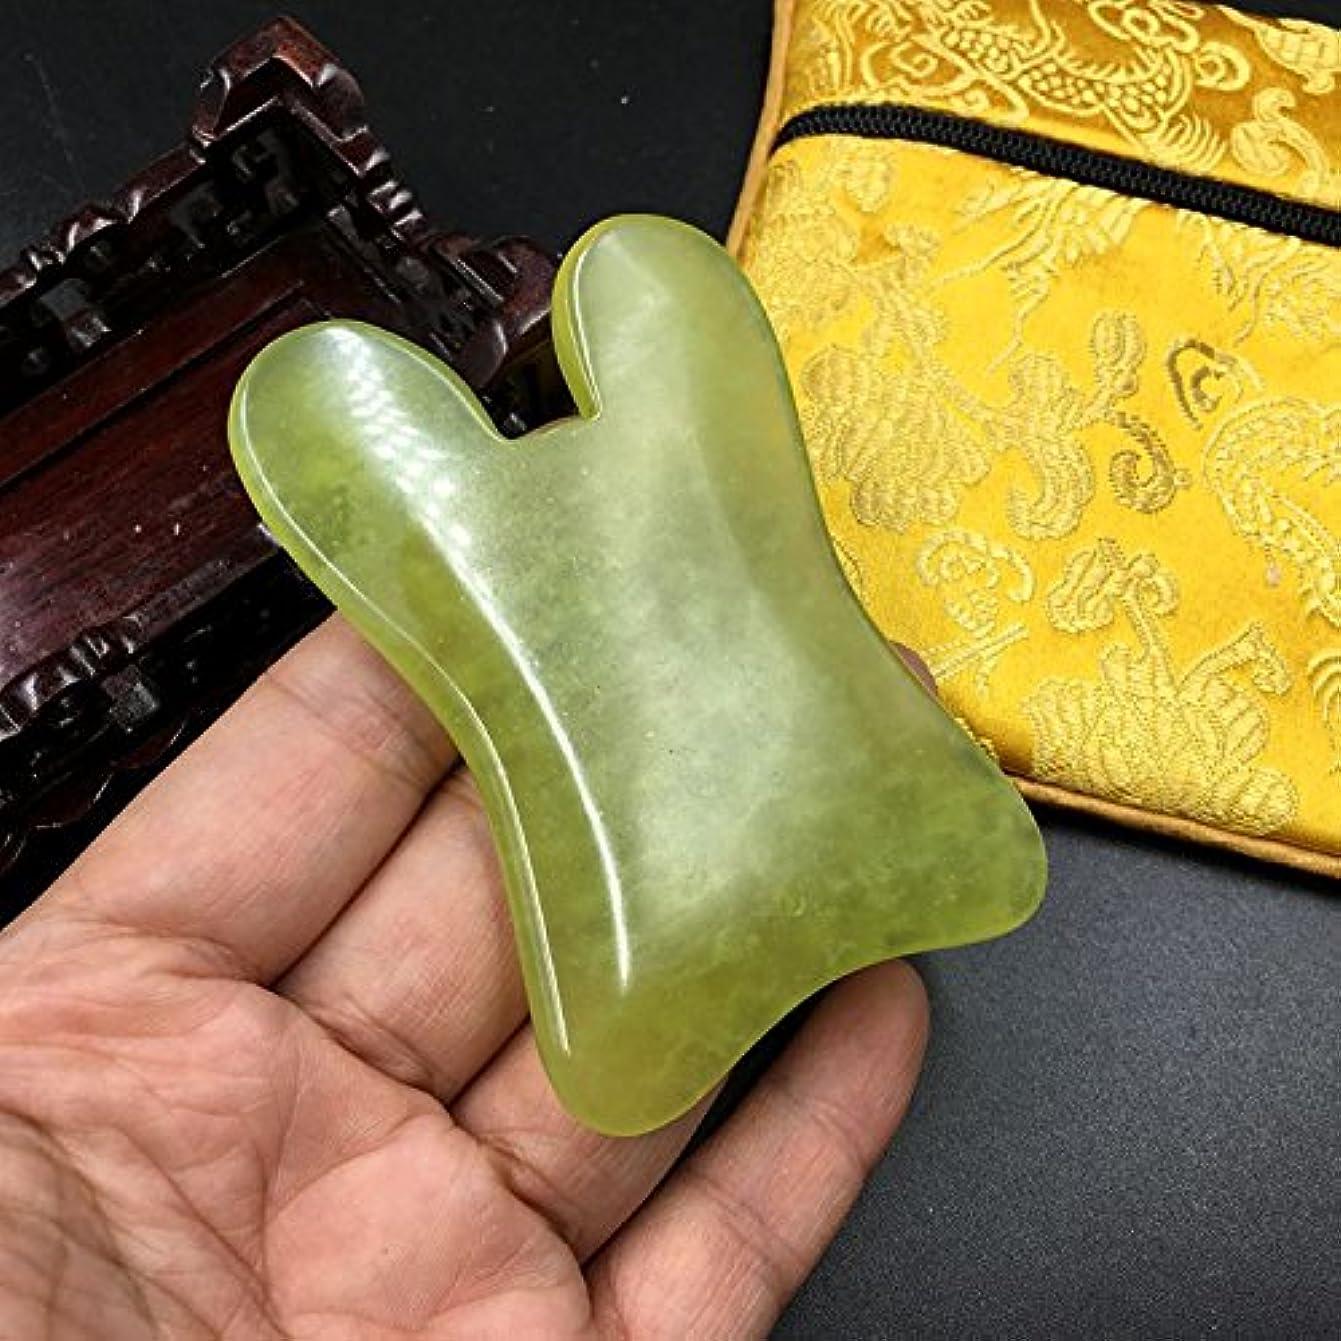 物理的な尾ウォルターカニンガム1点1pcFace / Body Massage Natural Jade Gua Sha Board U 形 shape かっさプレート 天然石 翡翠(顔?ボディのリンパマッサージ)